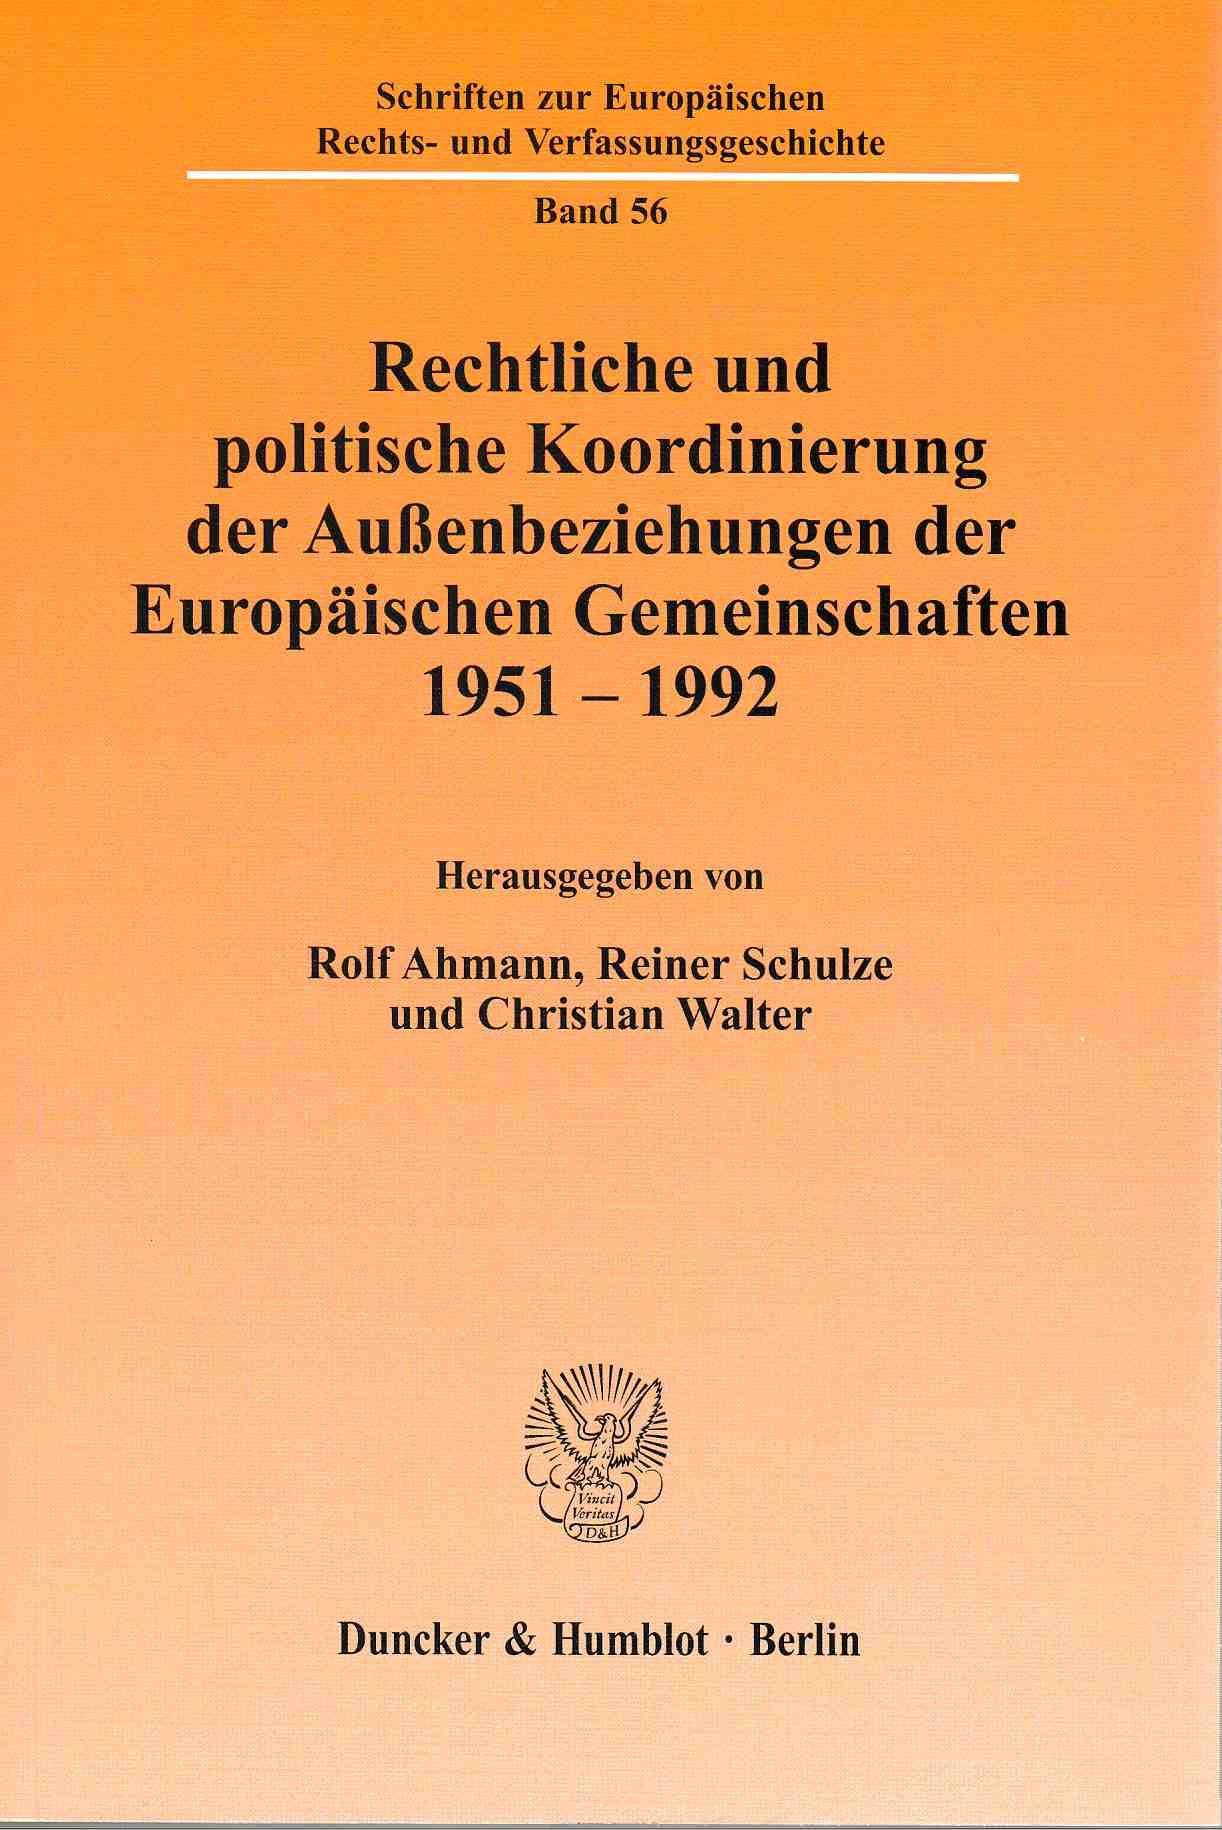 Rechtliche und politische Koordinierung der Außenbeziehungen der Europäischen Gemeinschaften 1951 - 1992. Schriften zur europäischen Rechts- und Verfassungsgeschichte  Bd. 56. - Ahmann, Rolf (Hg.)